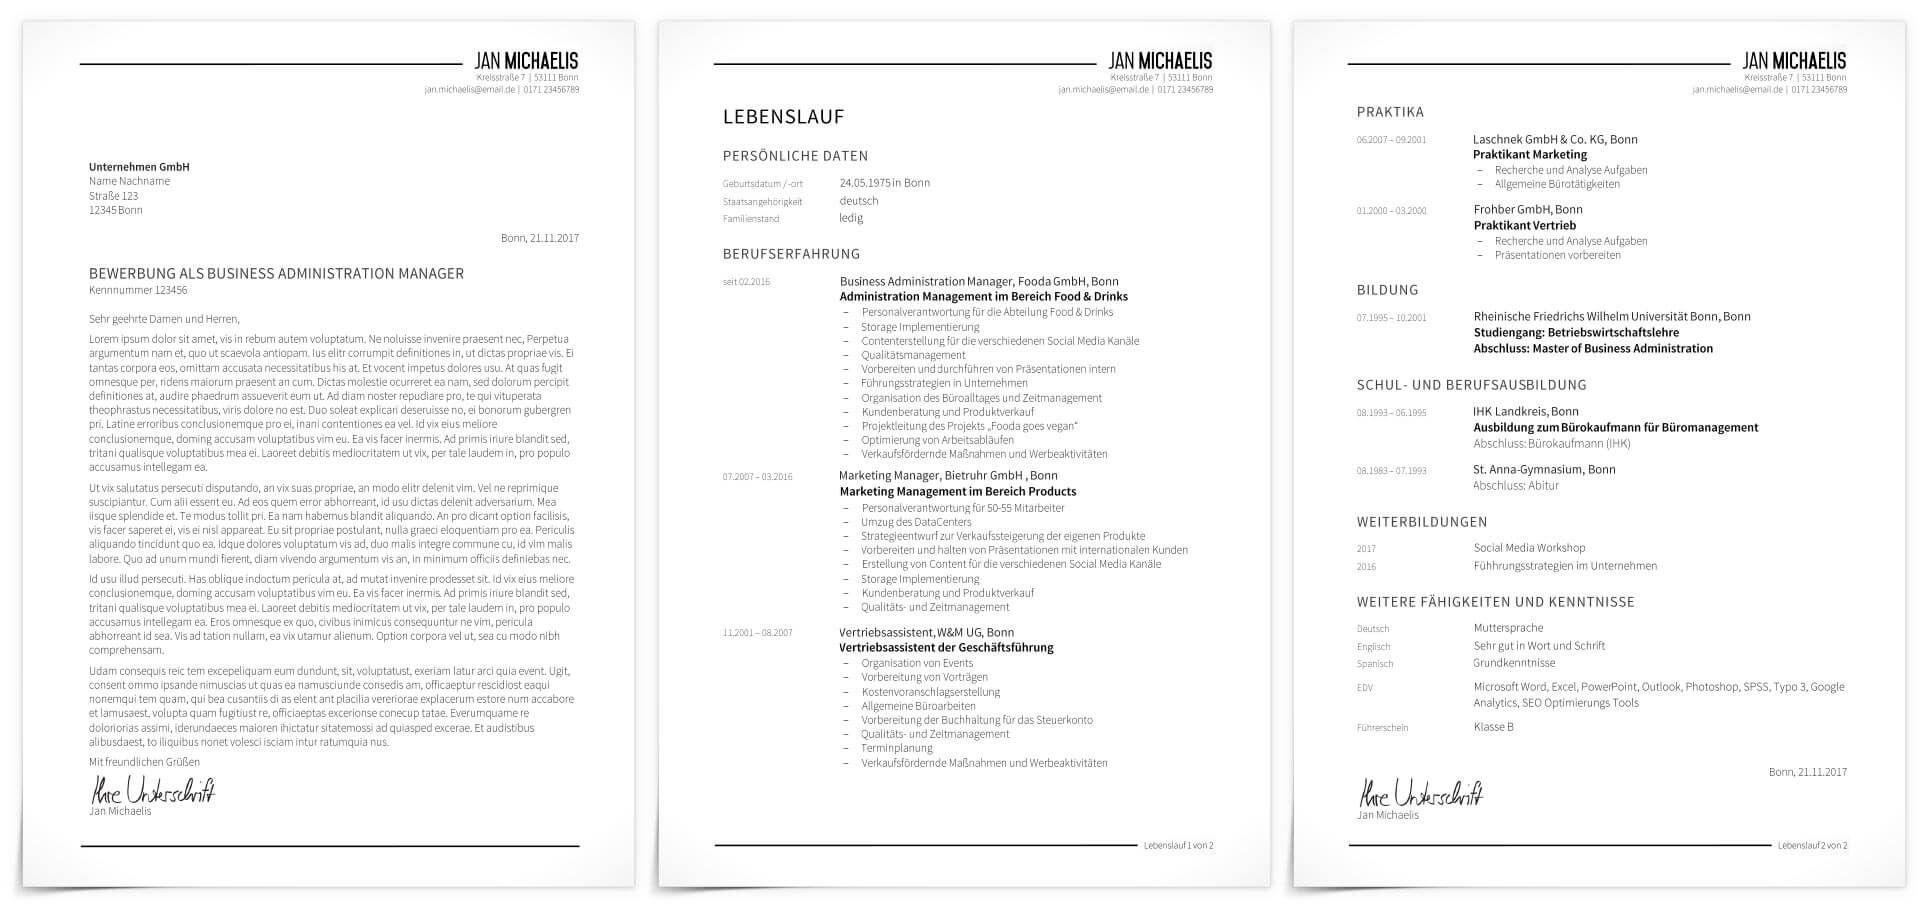 Im Uberblick Das Komplette Premium Design Schlicht Inkl Anschreiben Deckblatt Lebenslauf Und Motivationssc Lebenslauf Bewerbung Design Bewerbungsdesign